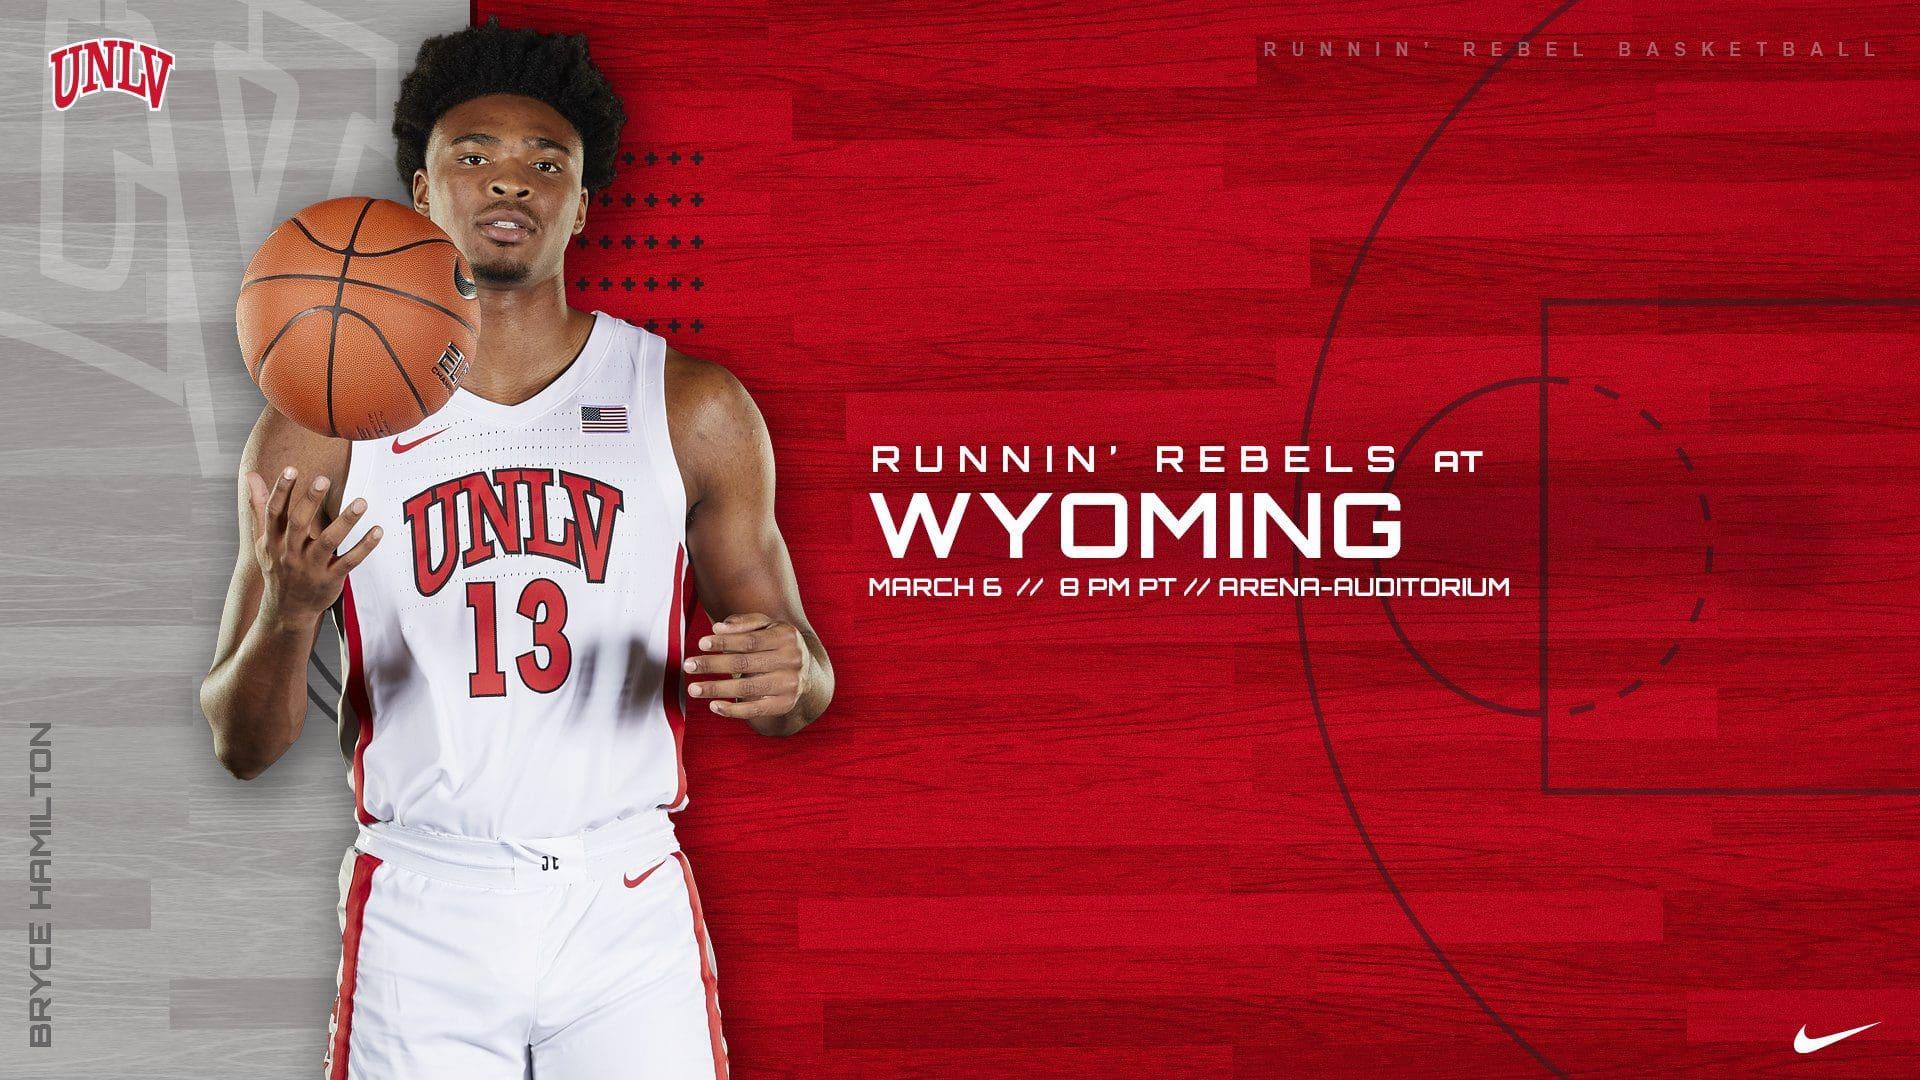 UNLV vs Wyoming